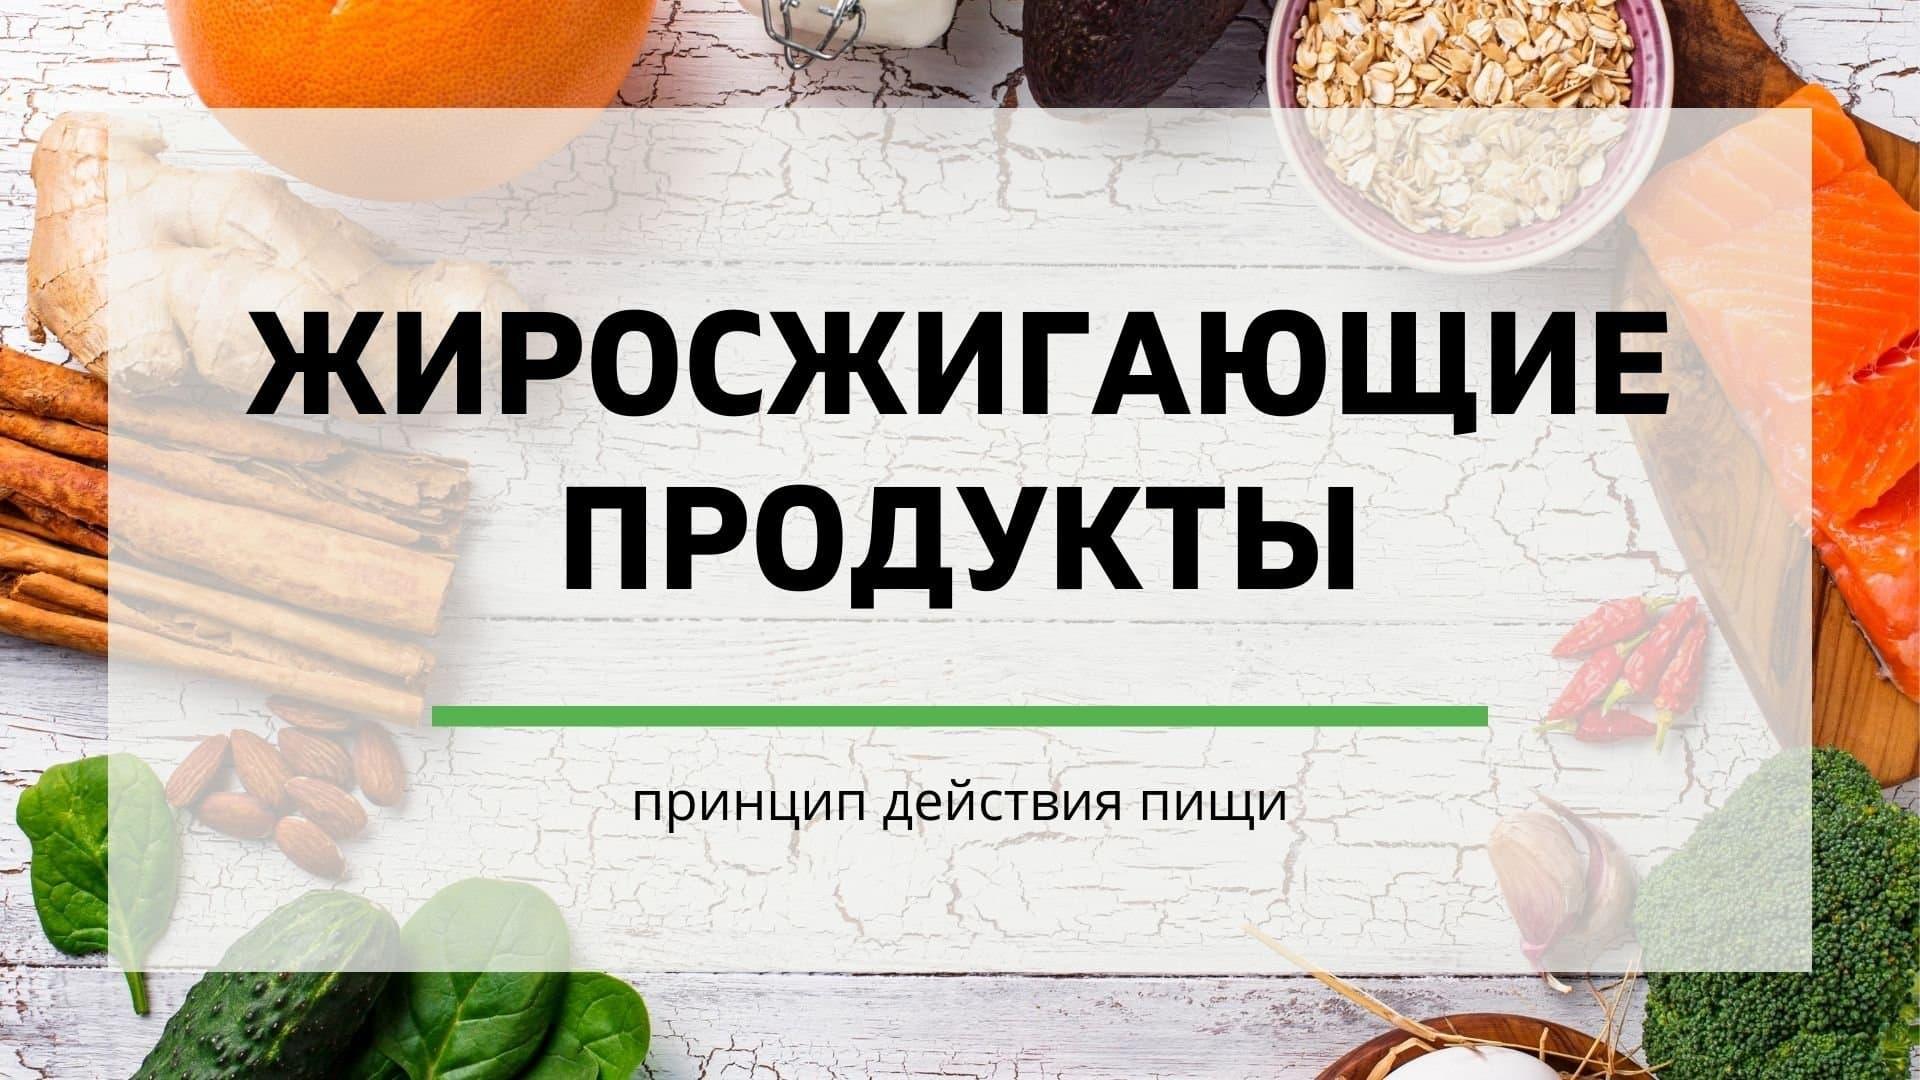 Жиросжигающие продукты: принцип действия пищи